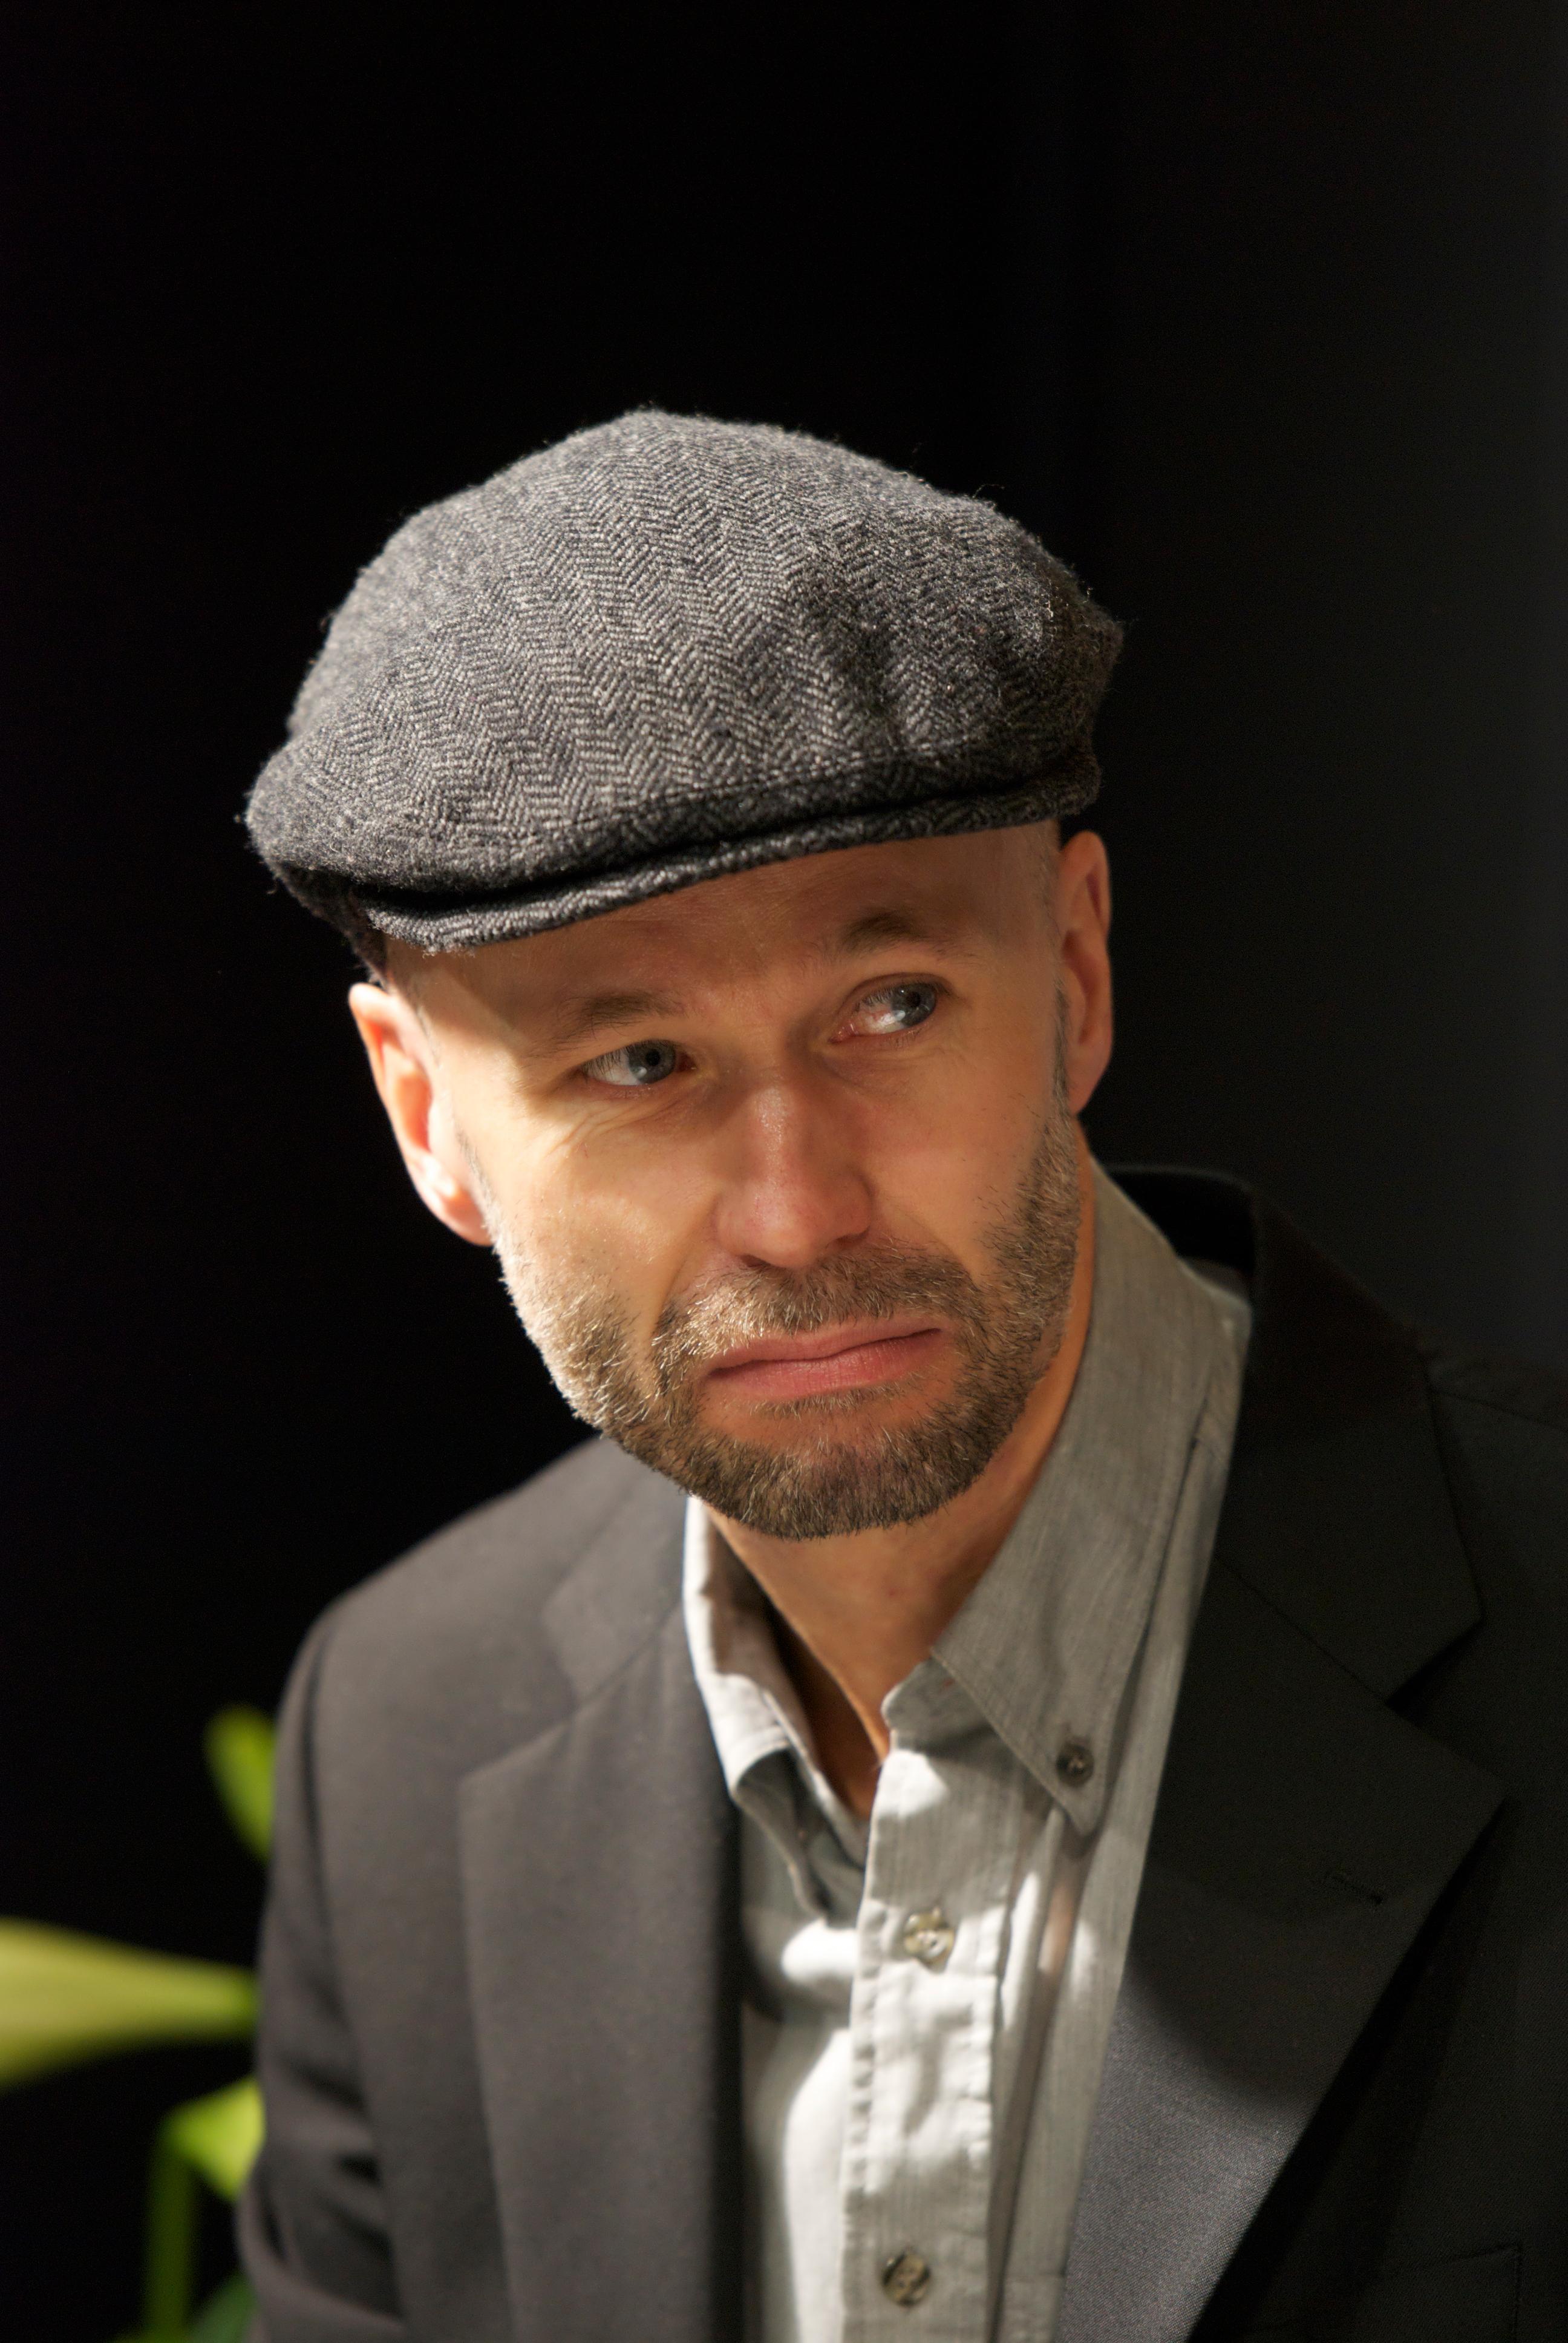 Johan Theorin at Göteborg Book Fair 2011